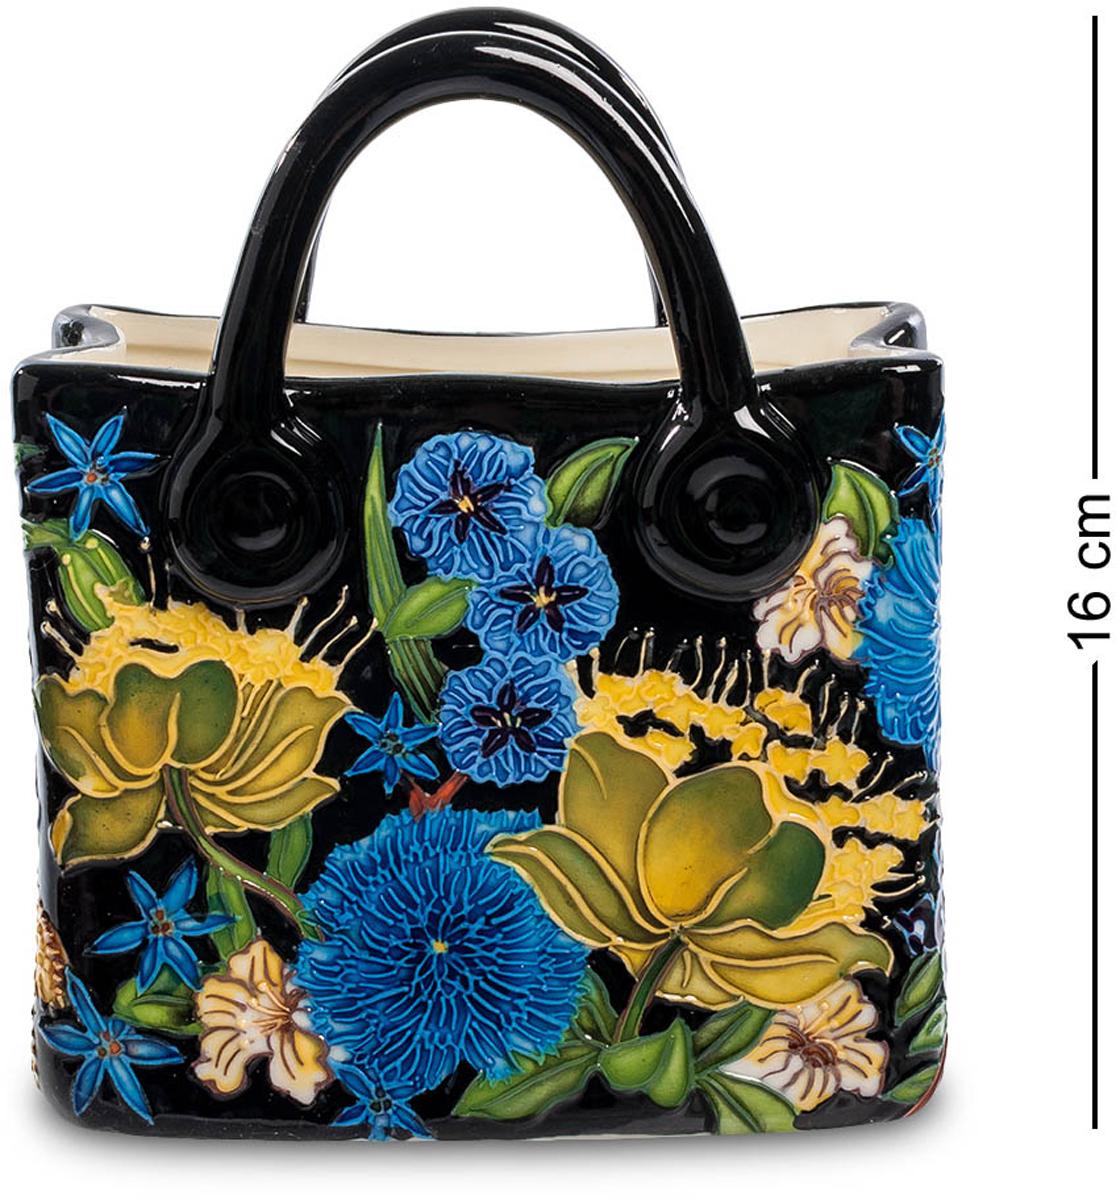 Ваза-кашпо Pavone Сумочка. JP-670/ 2JP-670/ 2Ваза высотой 16 см. Интересная ваза-кашпо очень напоминает женскую сумочку. Ее изысканность подчеркнута интересной расцветкой, которая ассоциируется с красками лета. Для изготовления кашпо использовался фарфор, основной цвет вазы – черный, на котором гармонично расцвели ярко-голубые и желтые цветы, которыми оформлено ее основание.